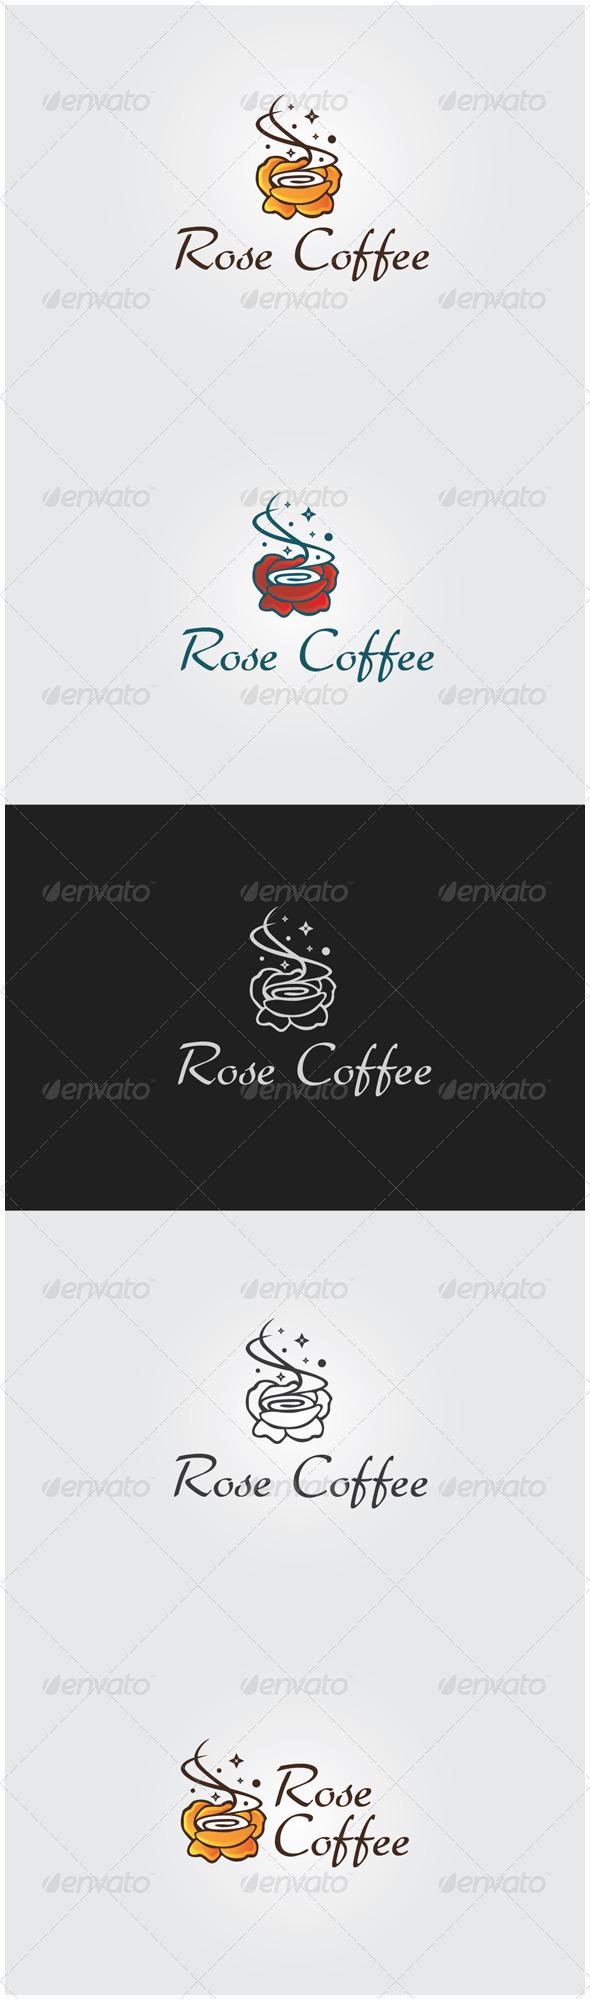 GraphicRiver Rose Coffee Logo 5954555